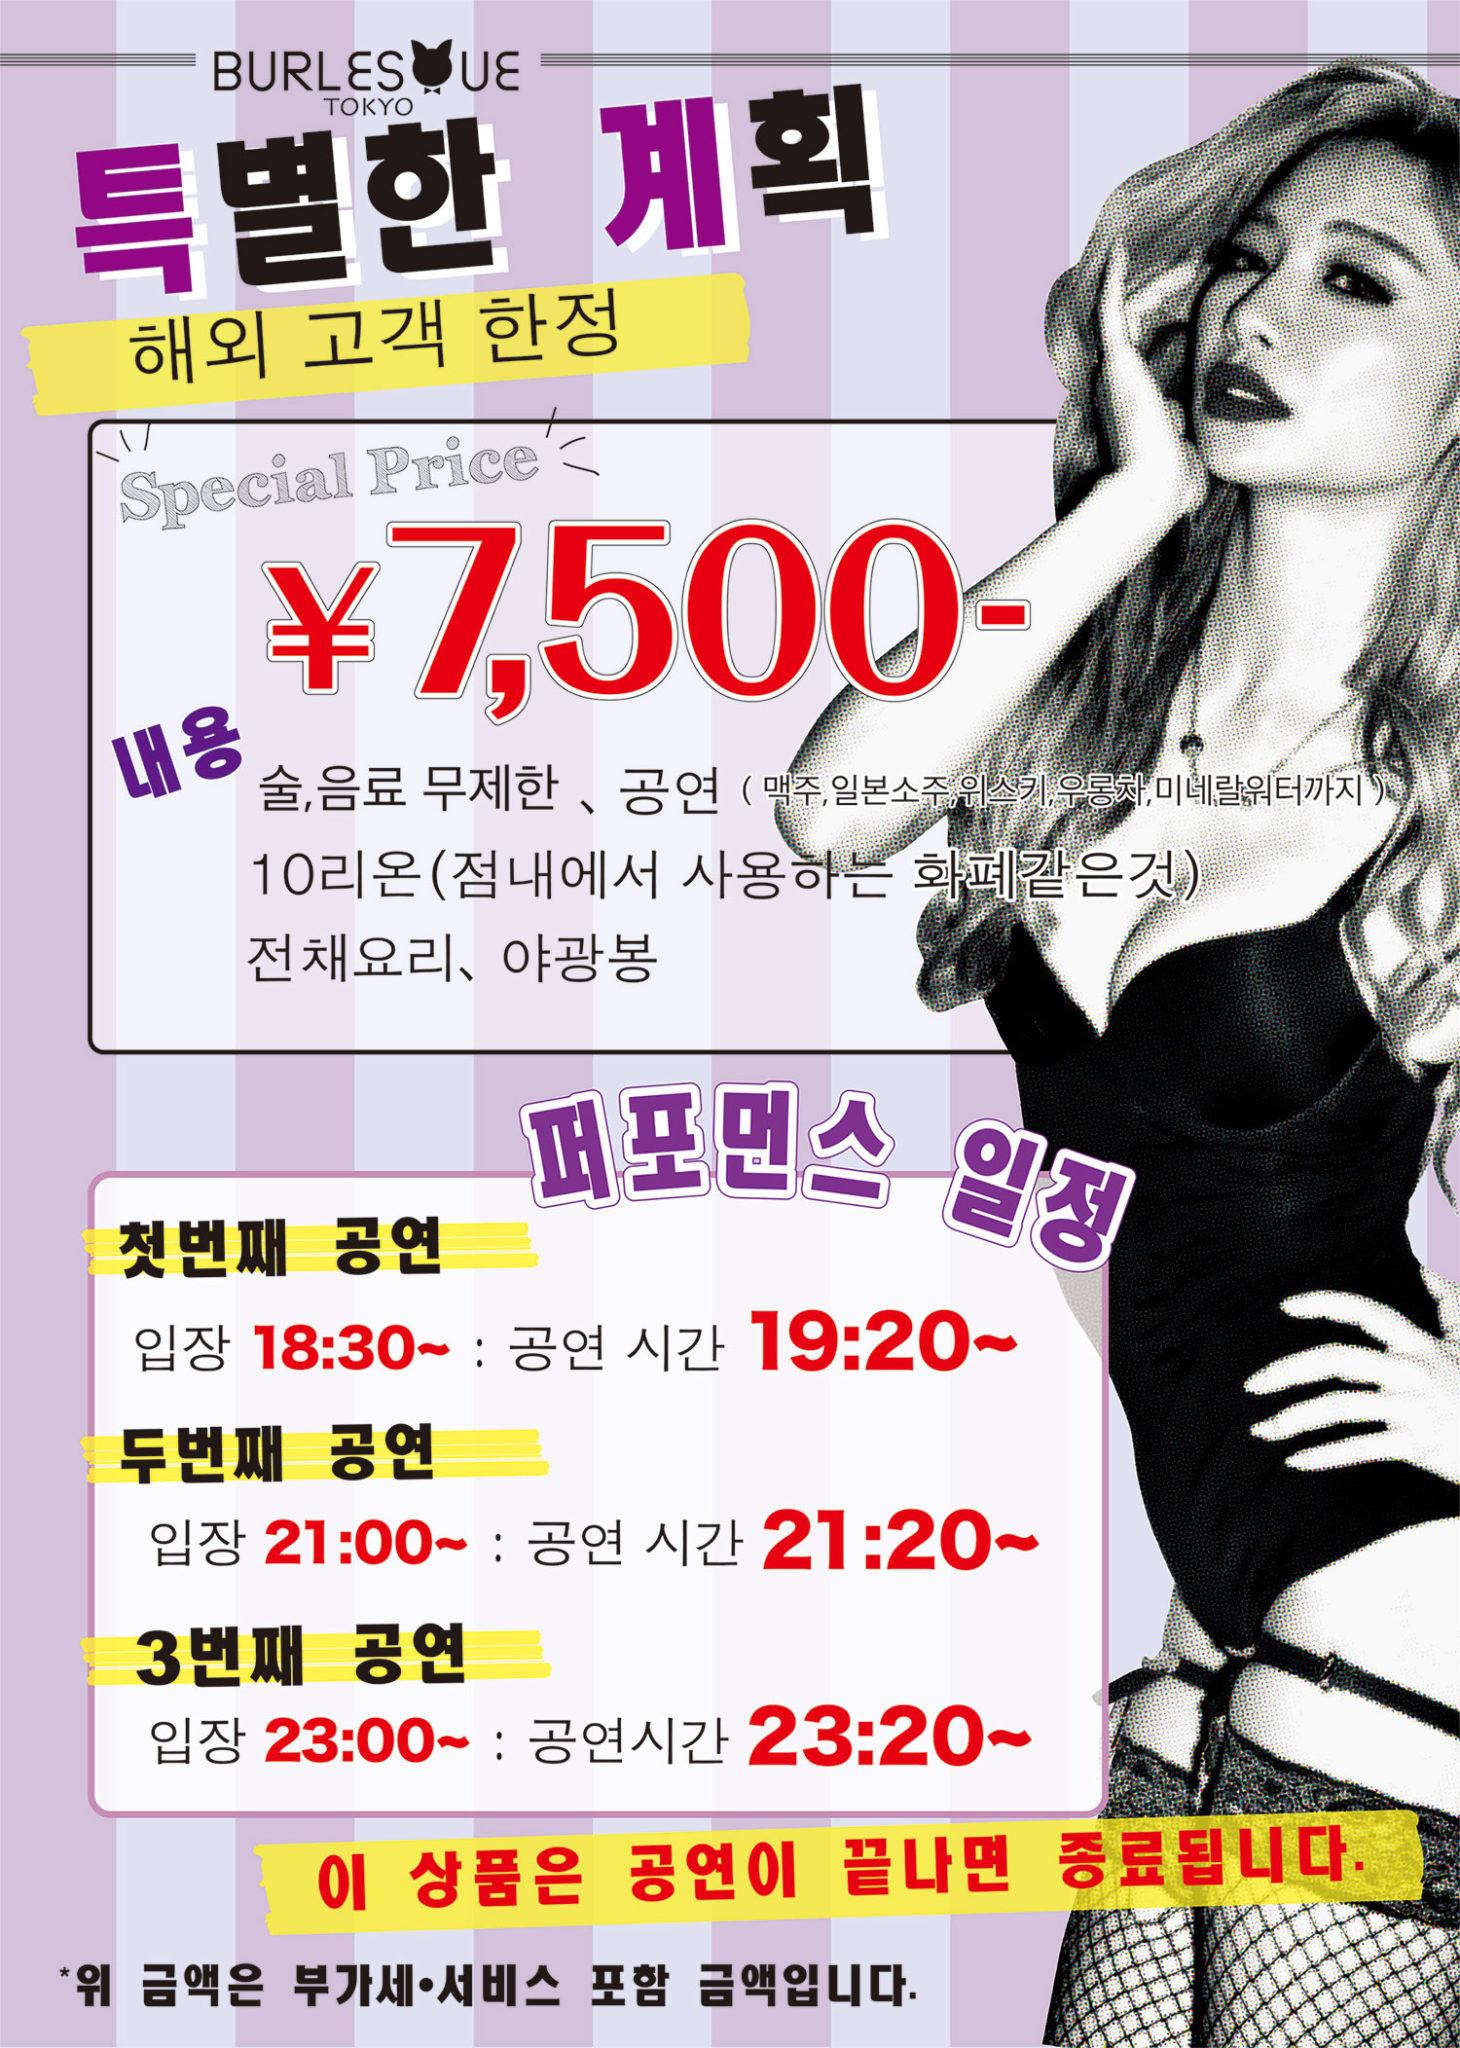 韓国語システム画像1